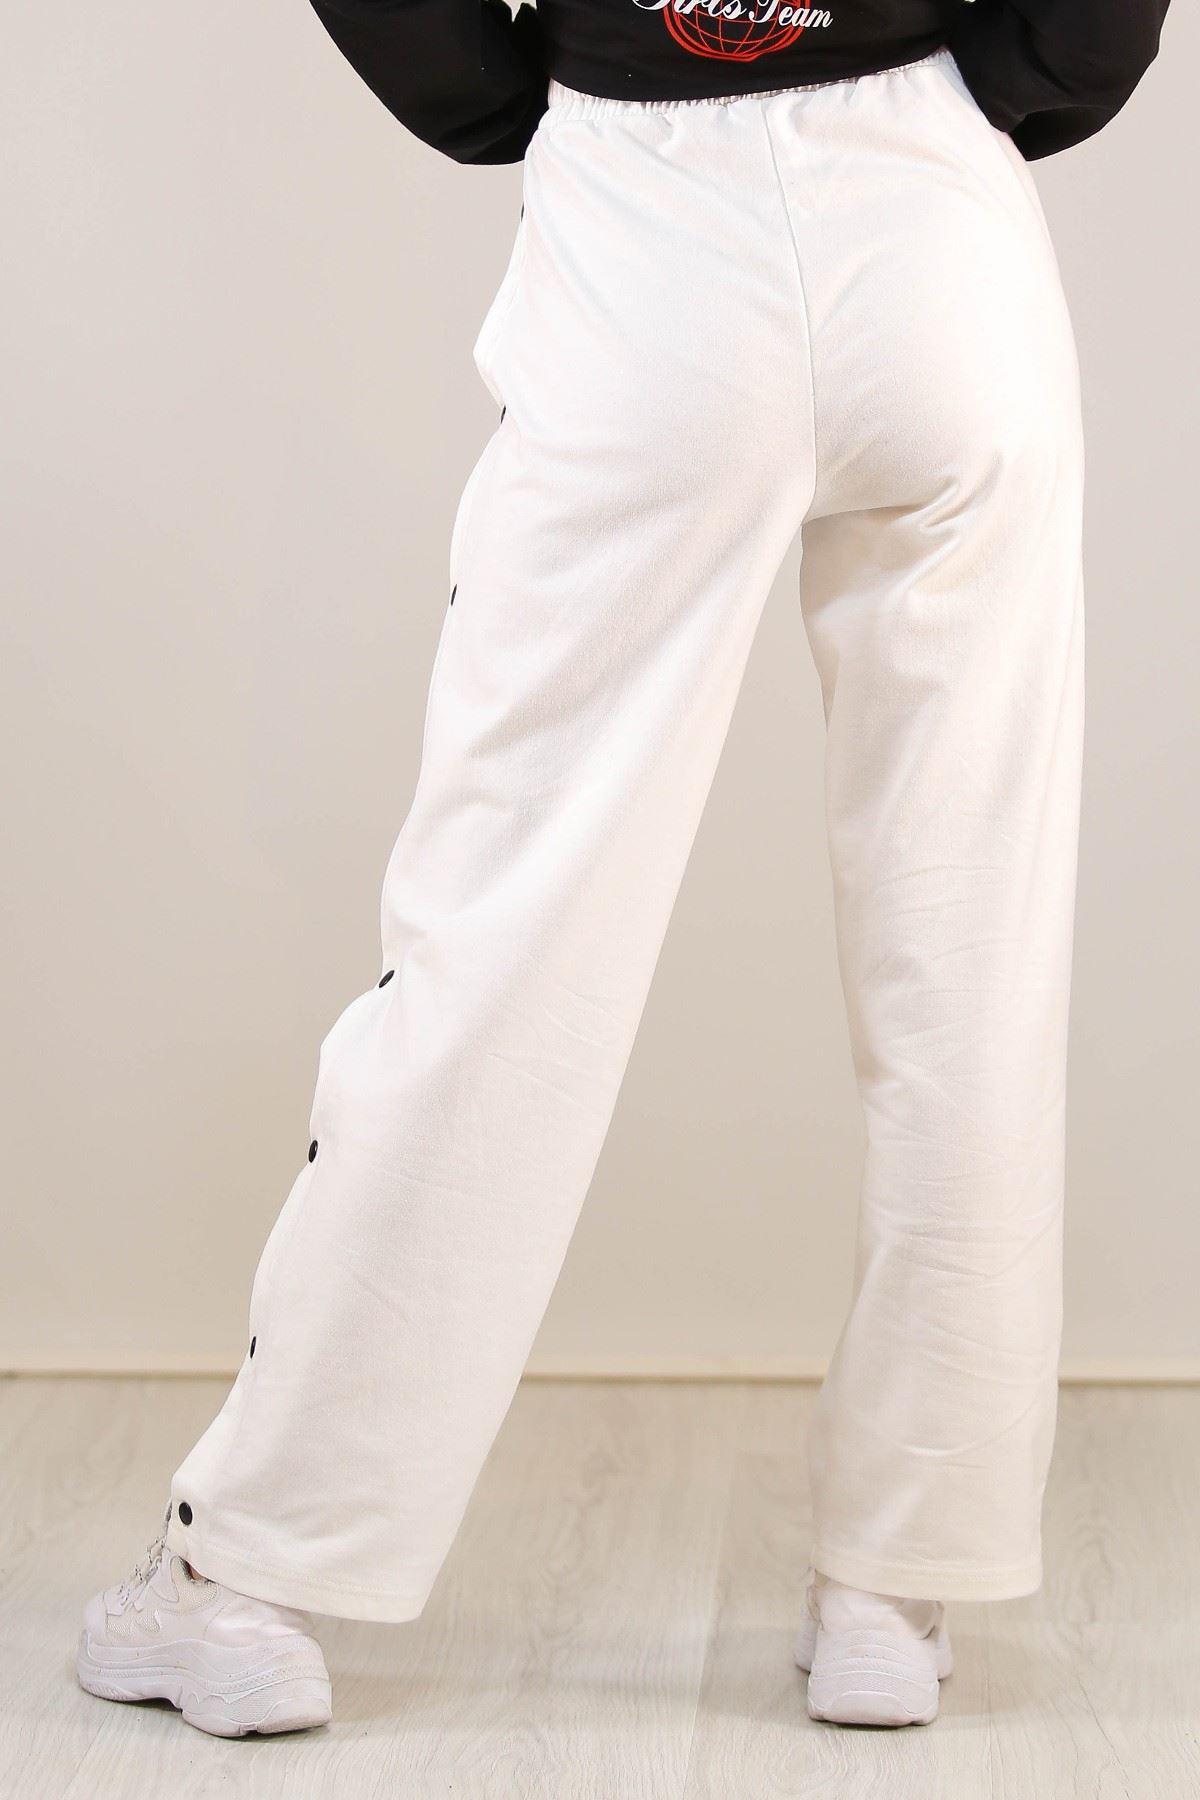 Çıtçıtlı Eşofman Altı Beyaz - 5195.1254.